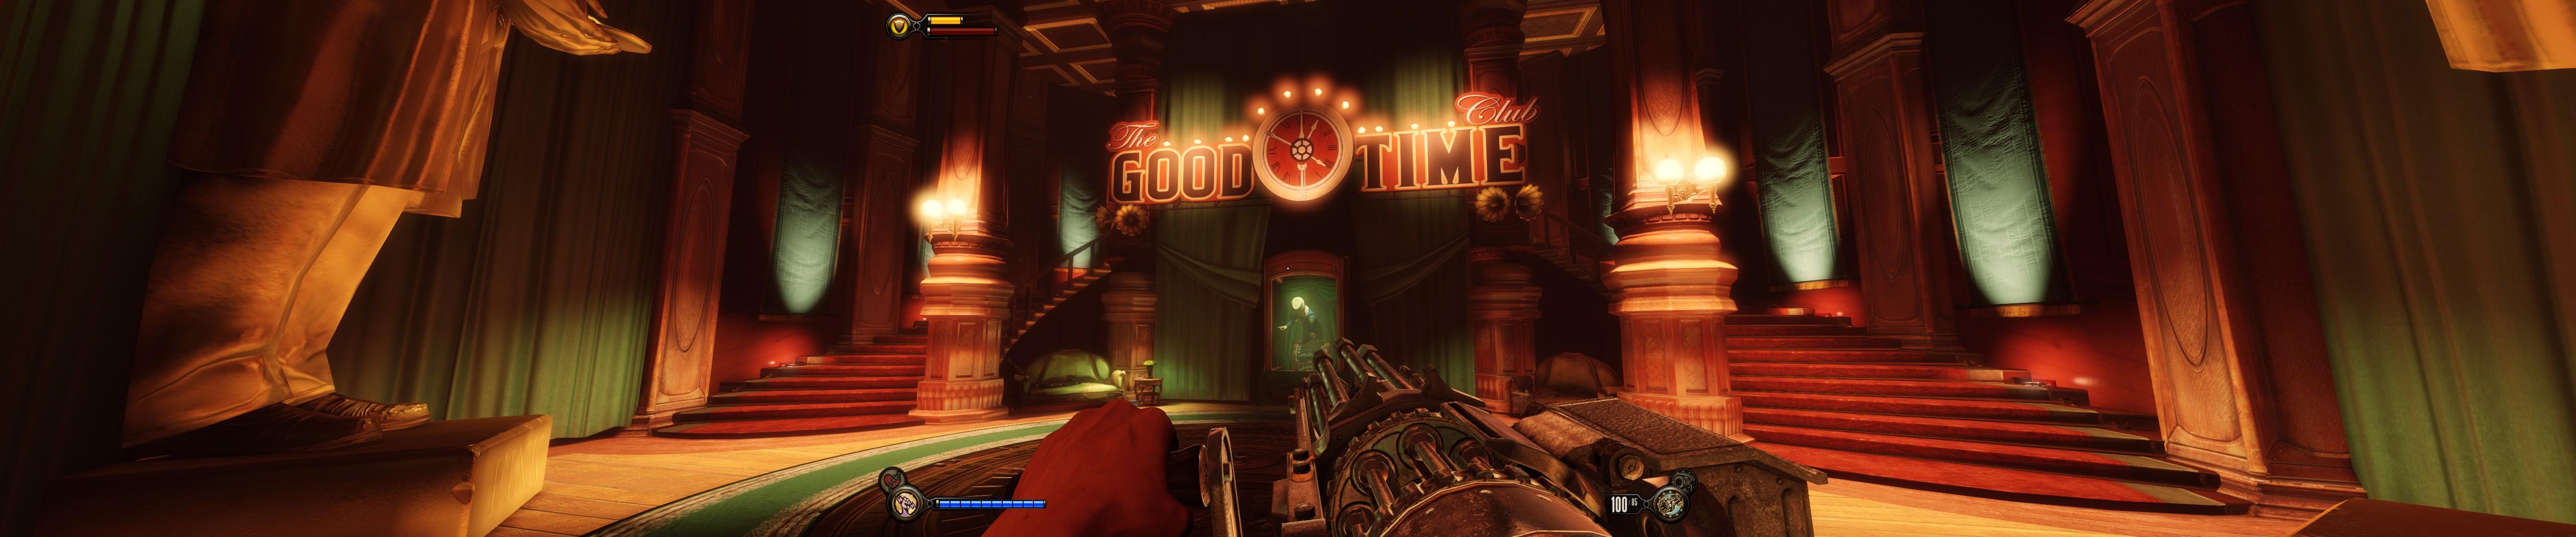 Bioshock_Infinite_2013-05-14_00016